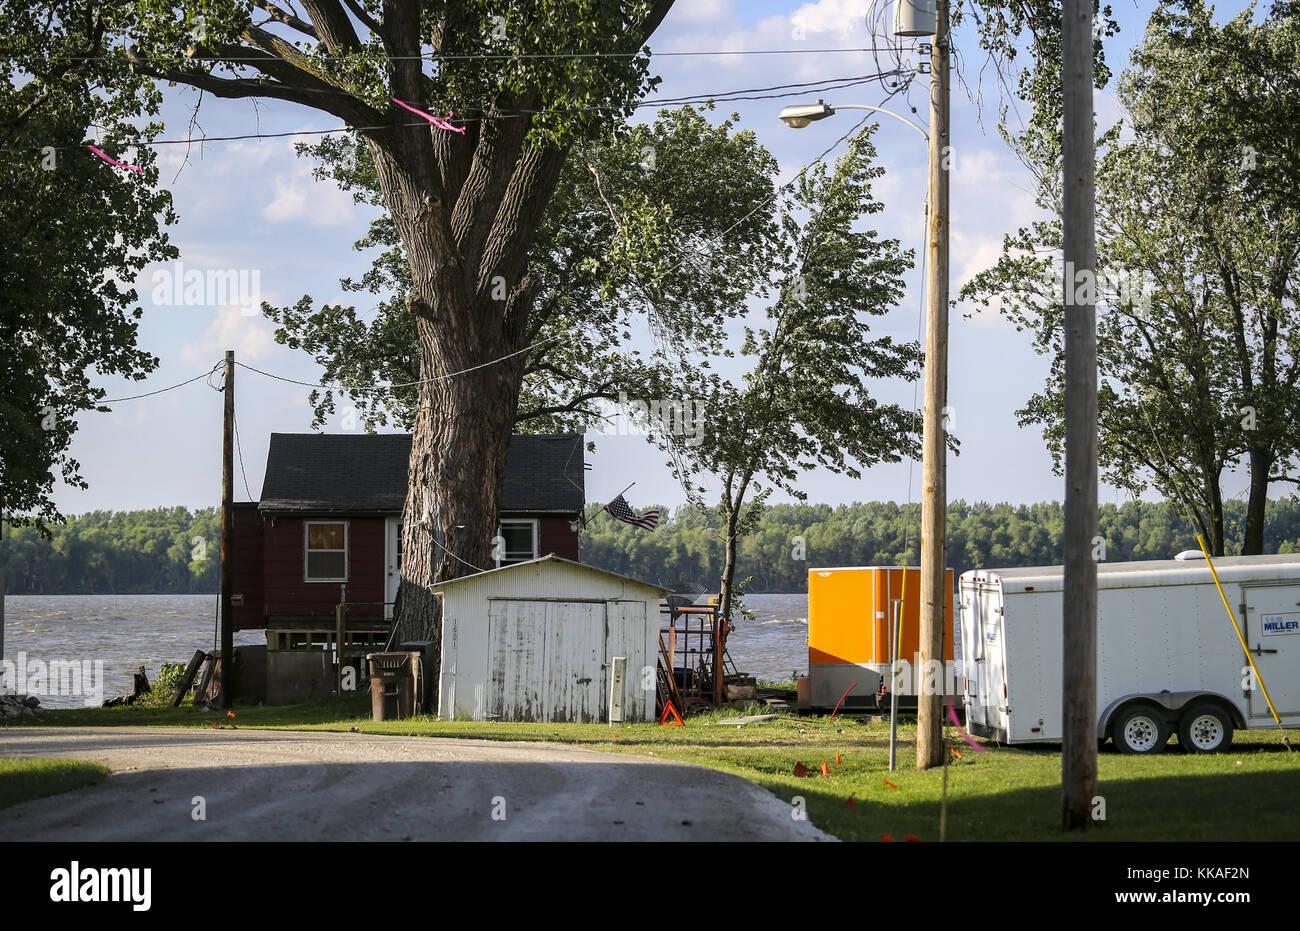 Pontoosuc, Iowa, USA. 3rd Aug, 2017. A neighborhood street along the ...